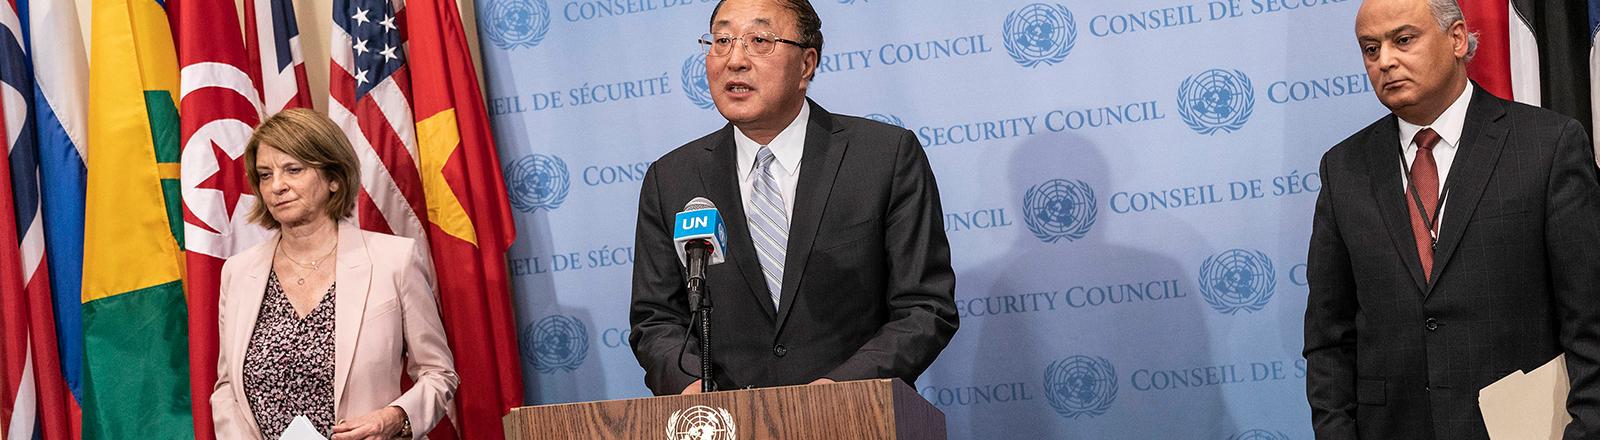 Bei einer Pressekonferenz spricht Zhang Jun, der ständige UN-Botschafter Chinas (16.05.2021)